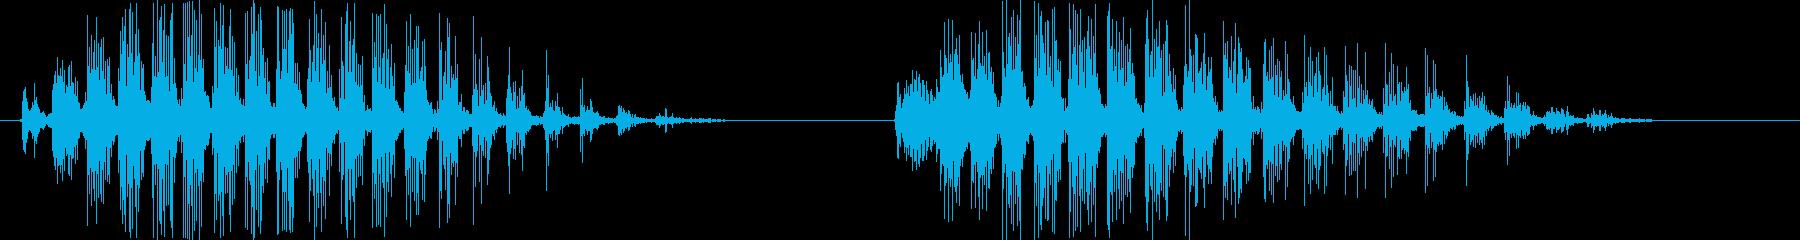 カララカララ(カラスの鳴き声)擬音唸り2の再生済みの波形